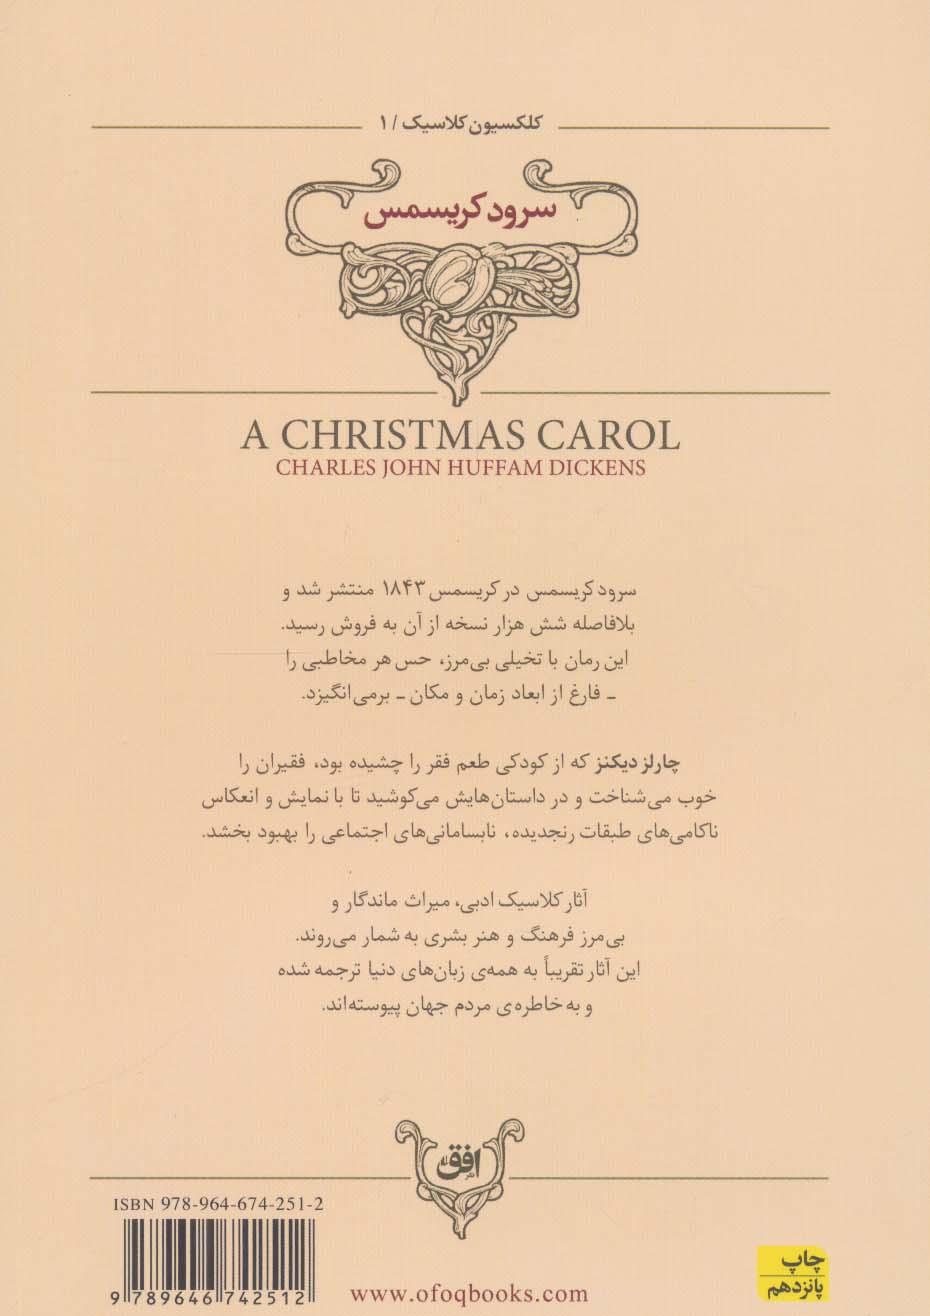 کلکسیون کلاسیک 1 (سرود کریسمس)